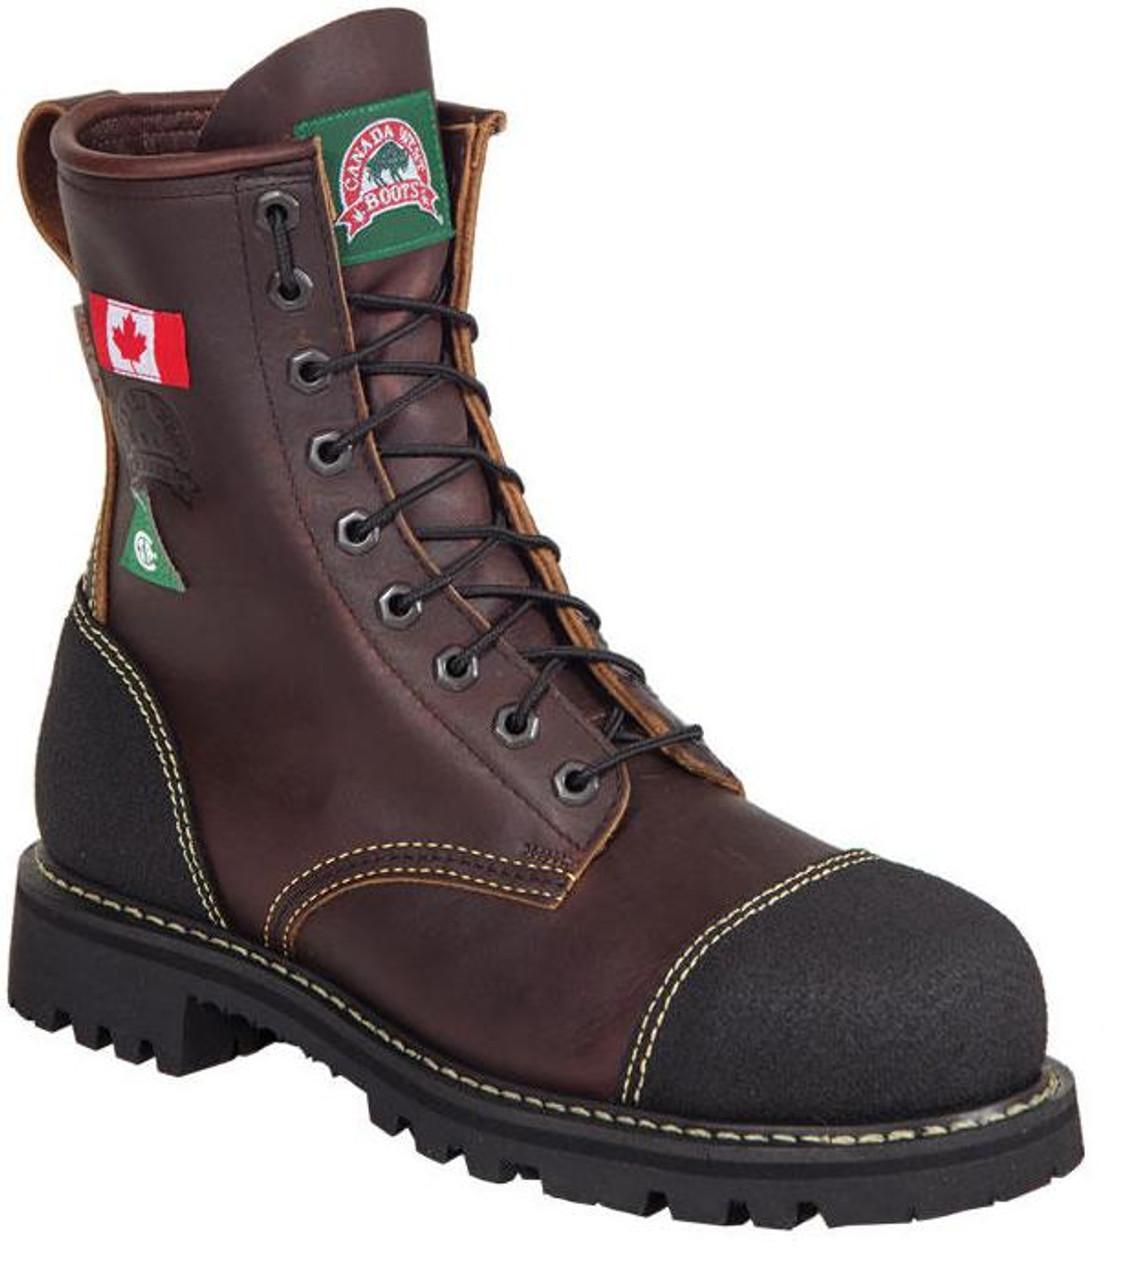 f68edf56797 Men's Canada West 8